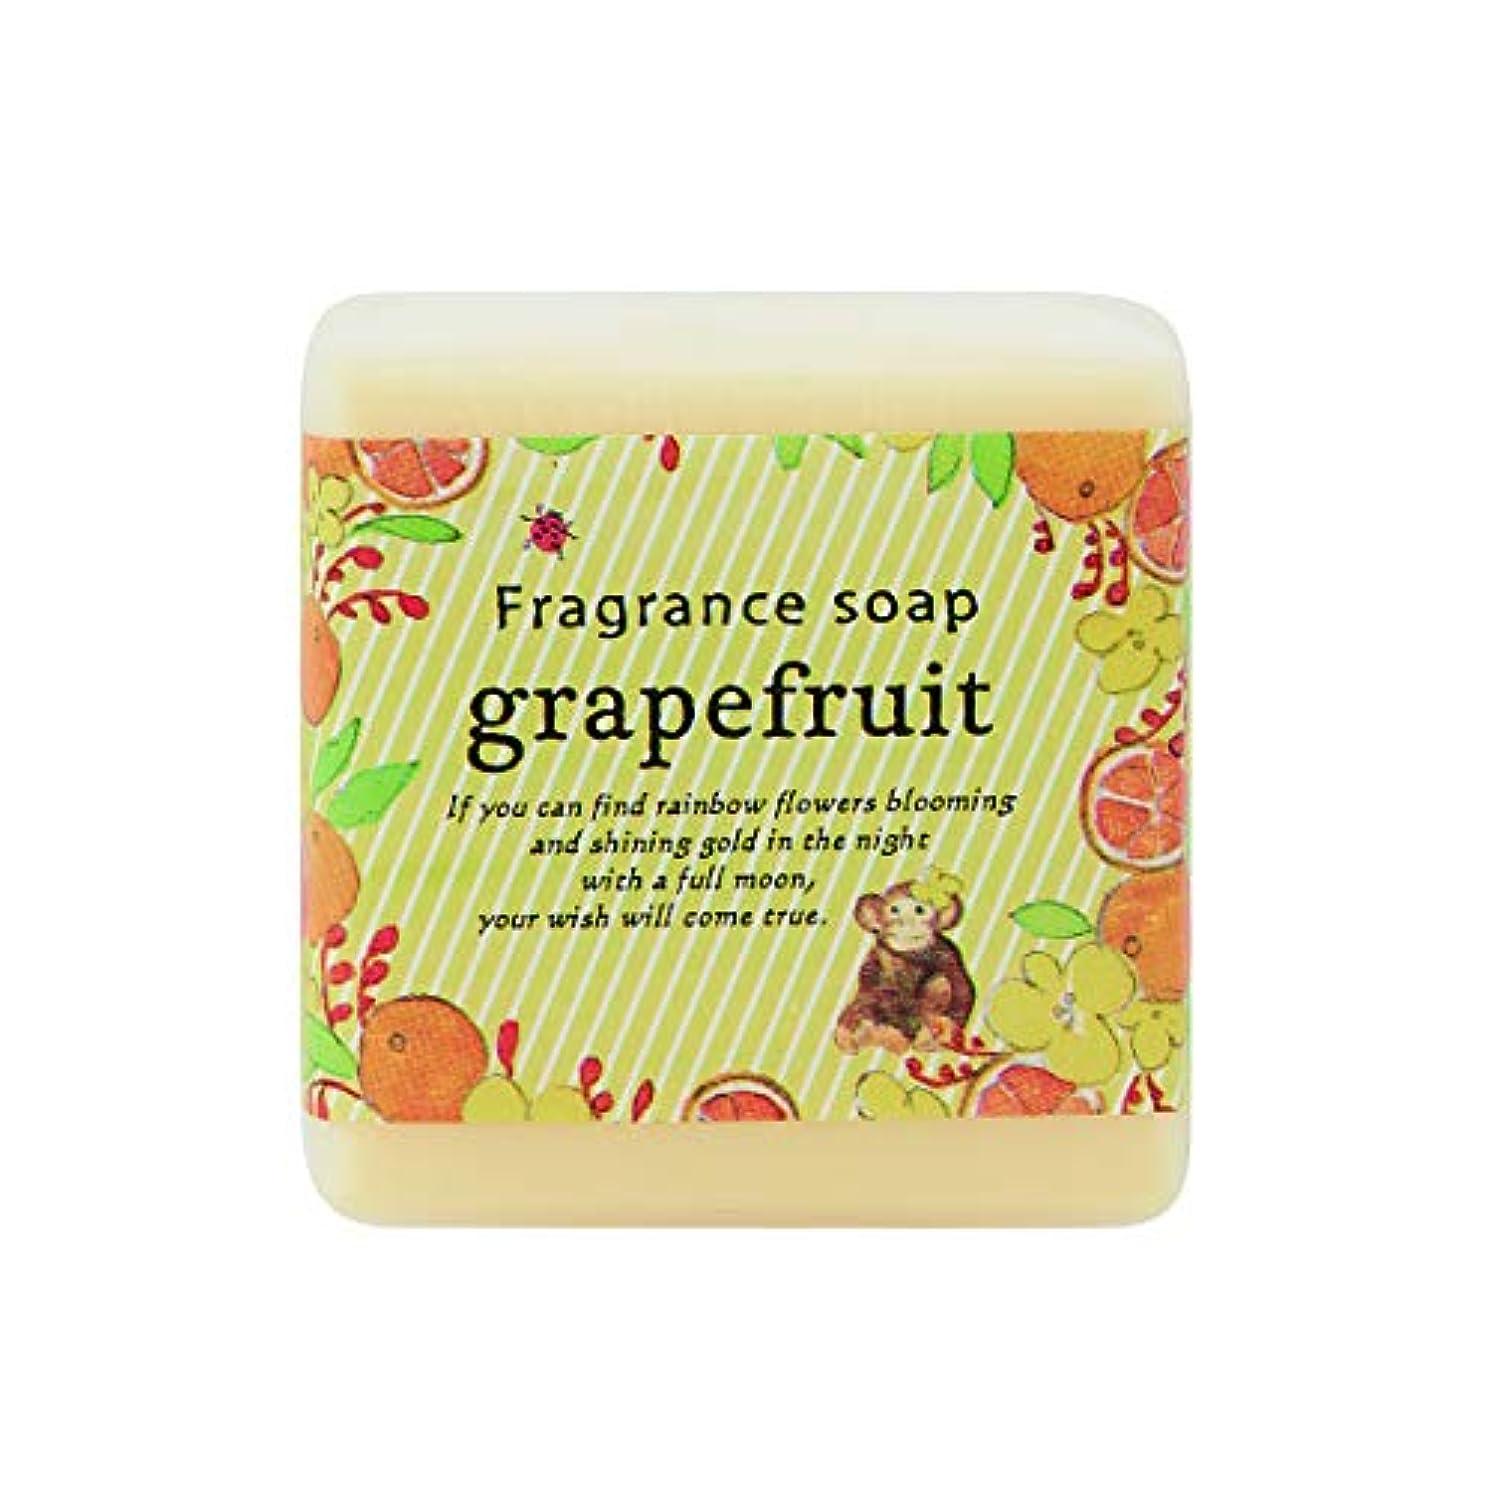 赤ちゃんりんご感情サンハーブ フレグランスソープ40g グレープフルーツ 12個(プチ石けん ゲストソープ シャキっとまぶしい柑橘系の香り)